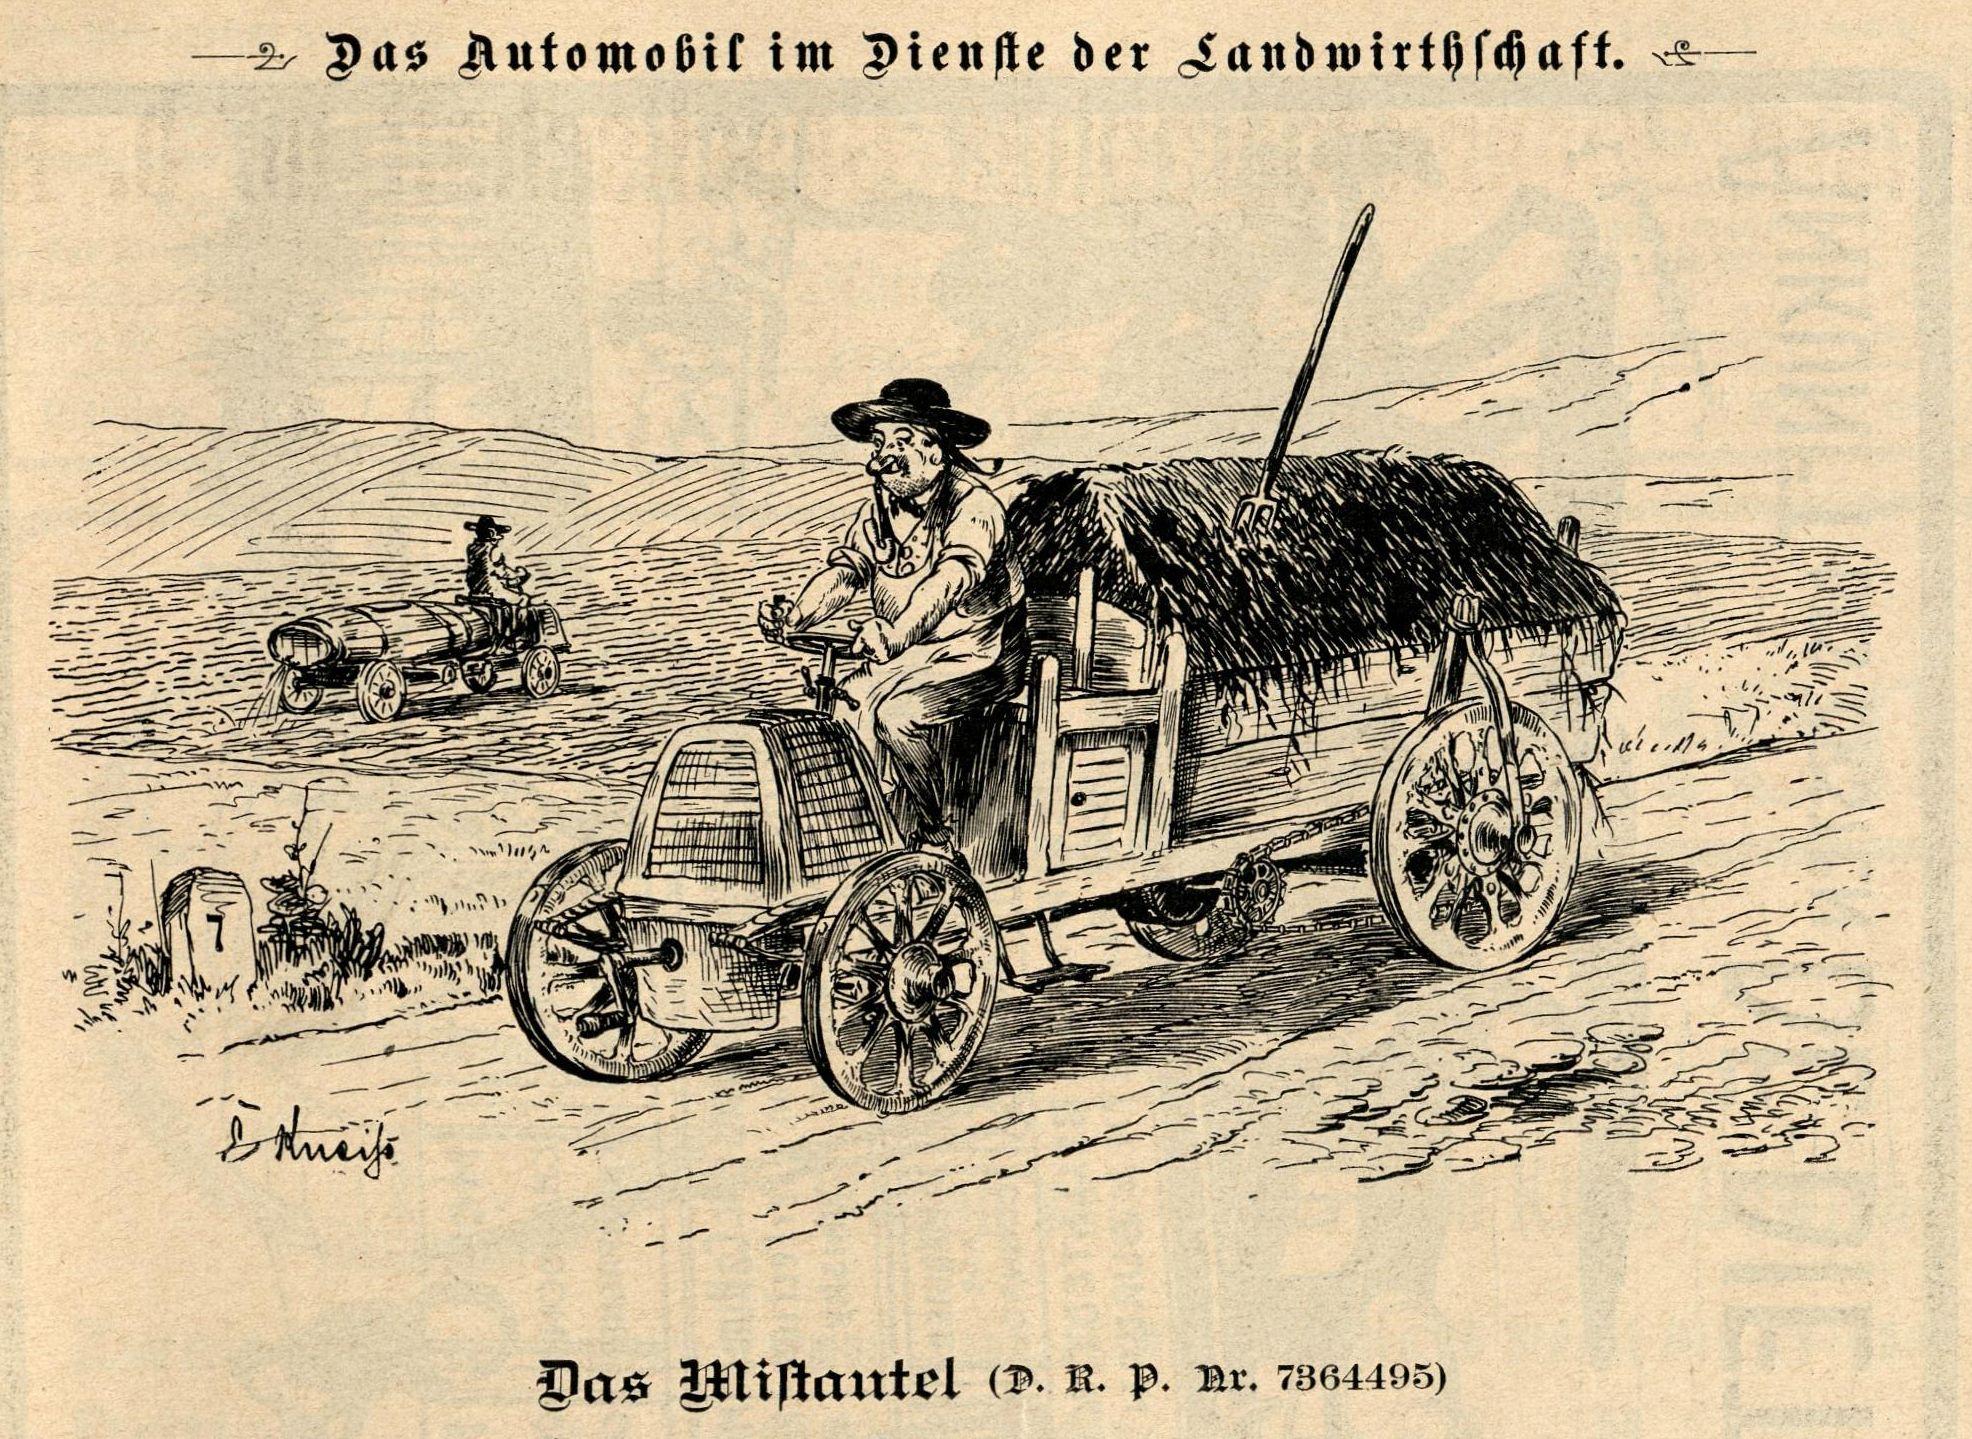 Bild: Das Automobil im Dienst der Landwirtschaft